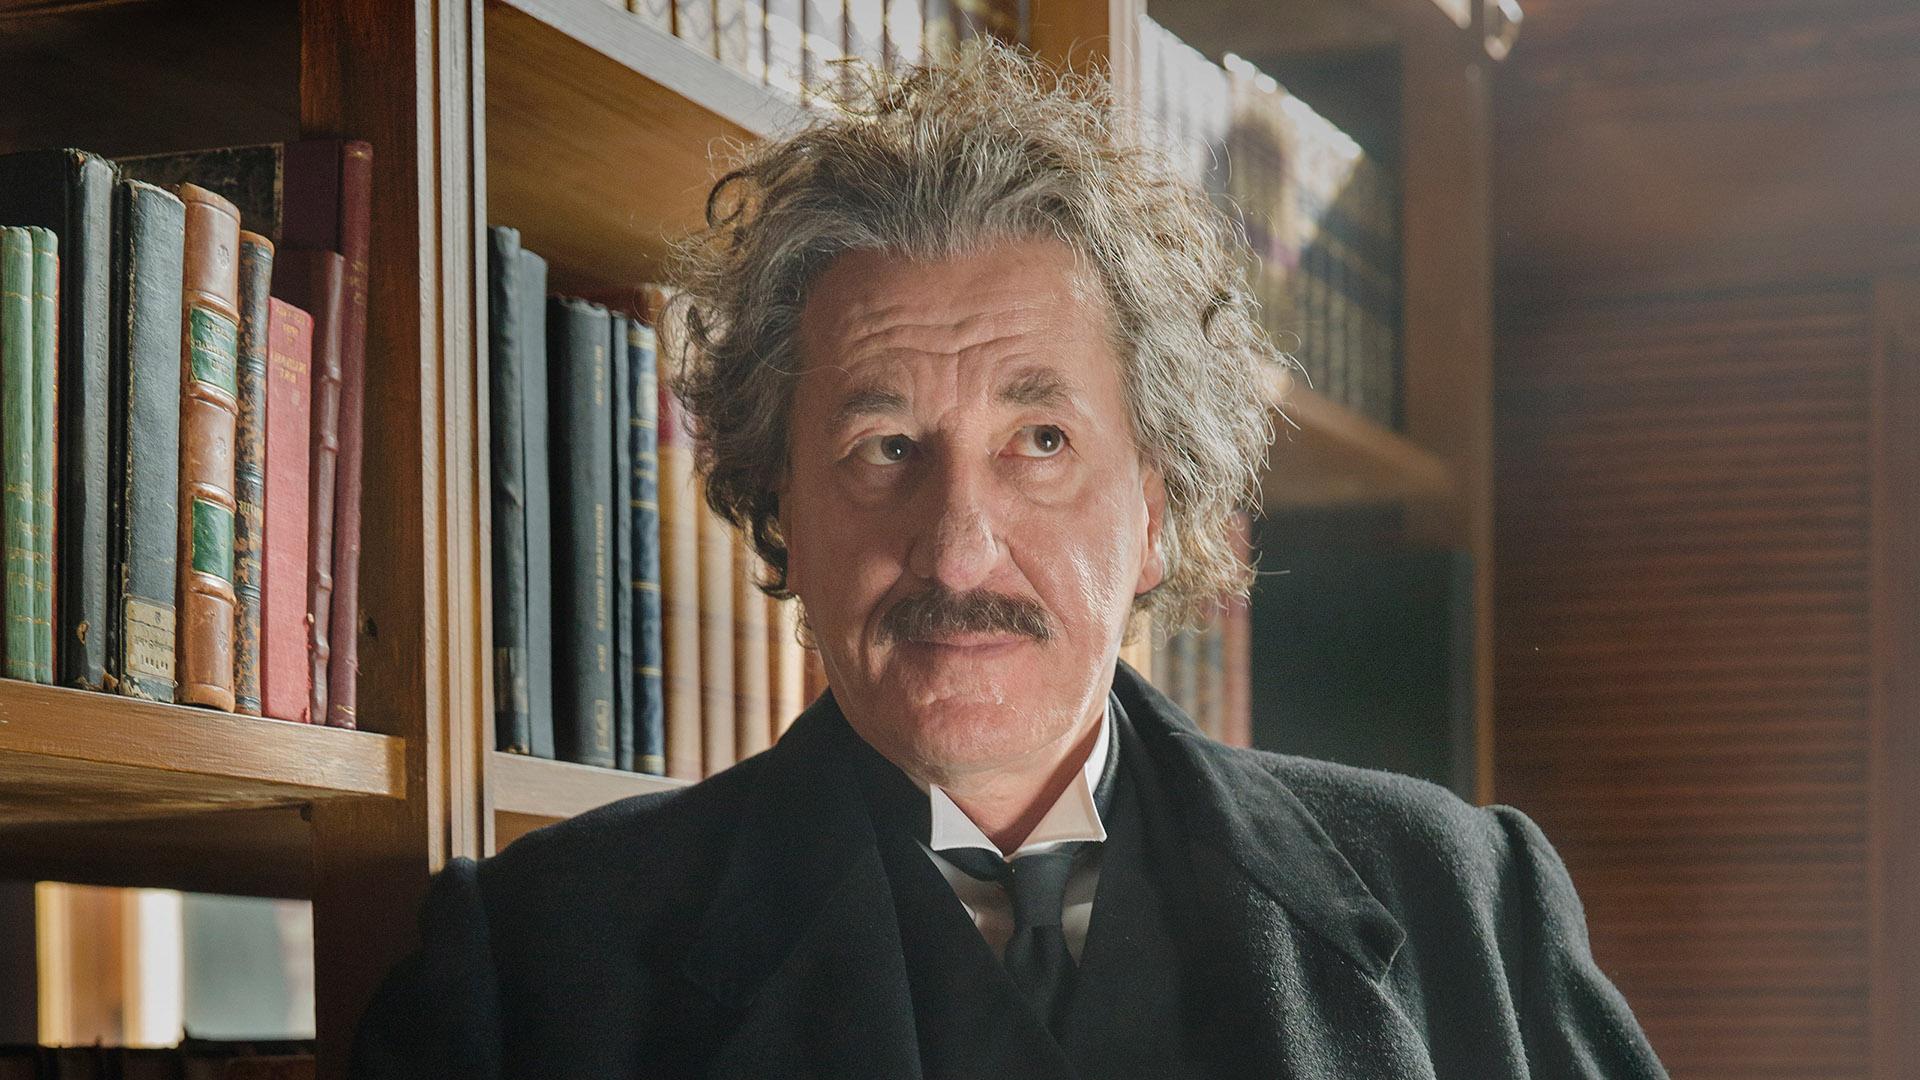 NatGeo's 'Genius' shows us a deeply flawed Albert Einstein